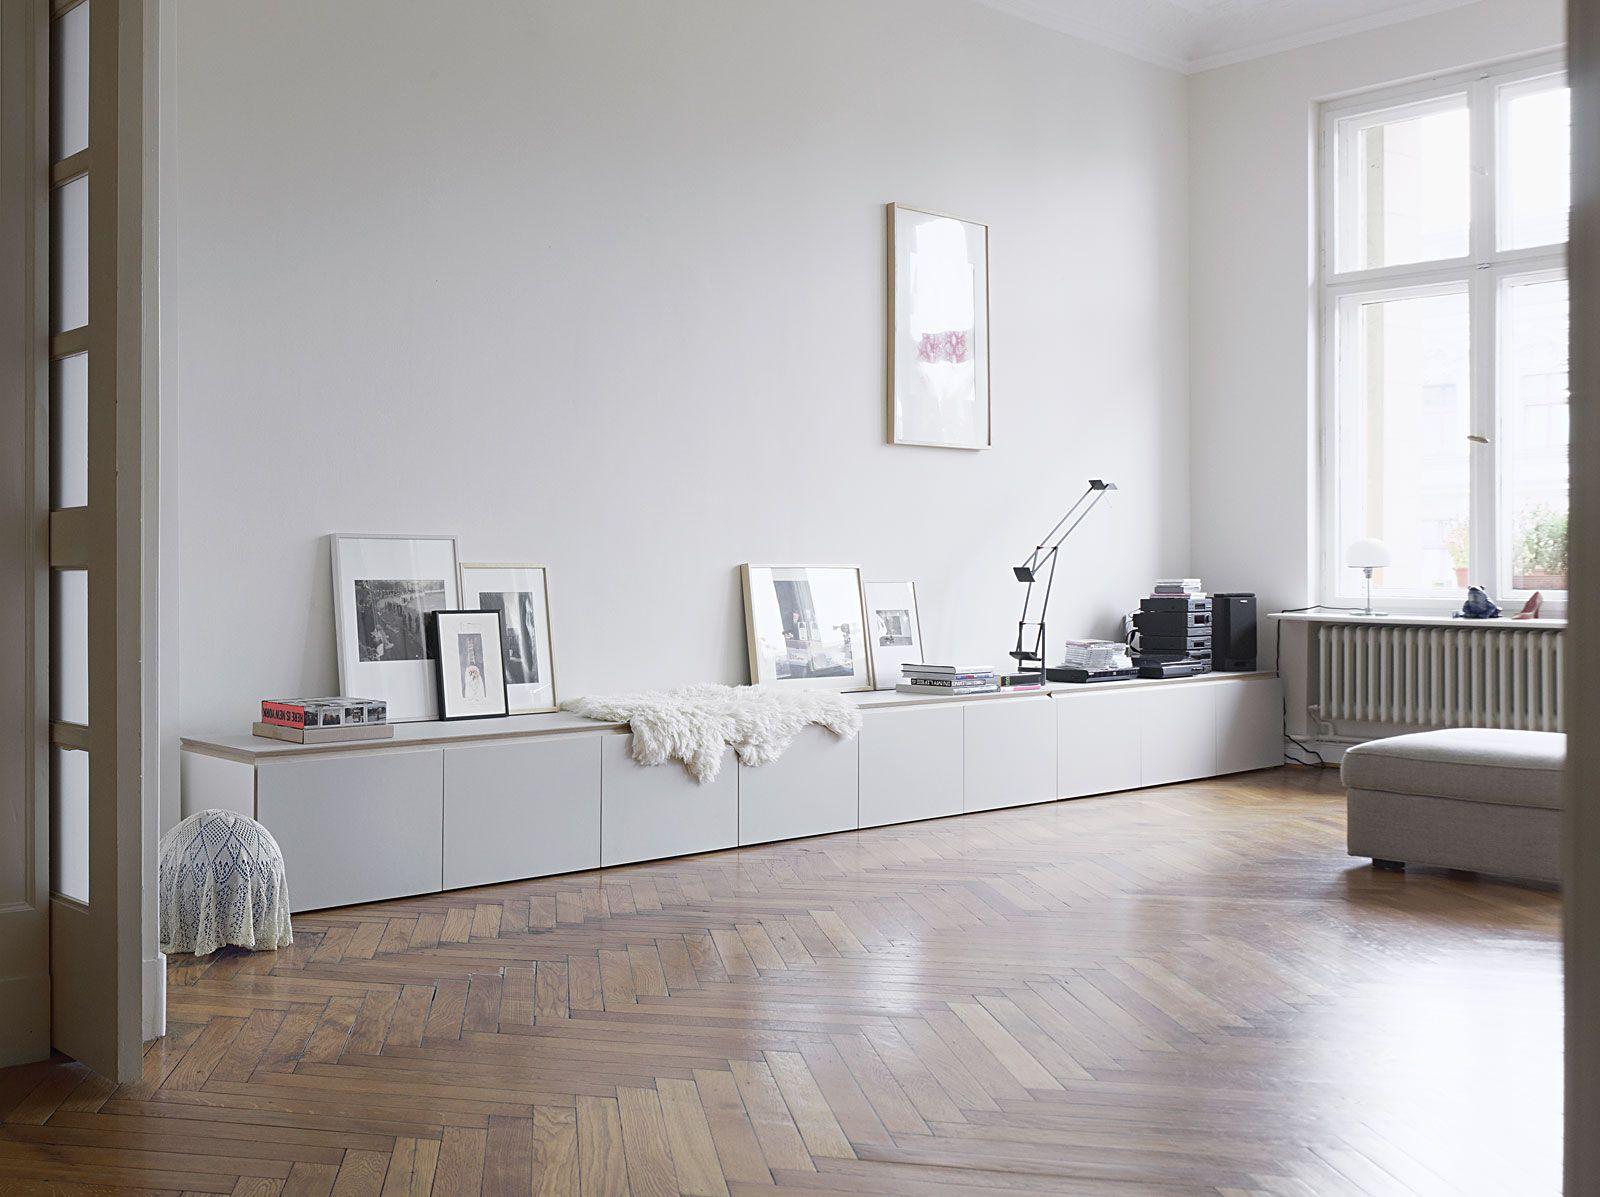 IKEA Besta kasten - Ikea, Kasten en Met